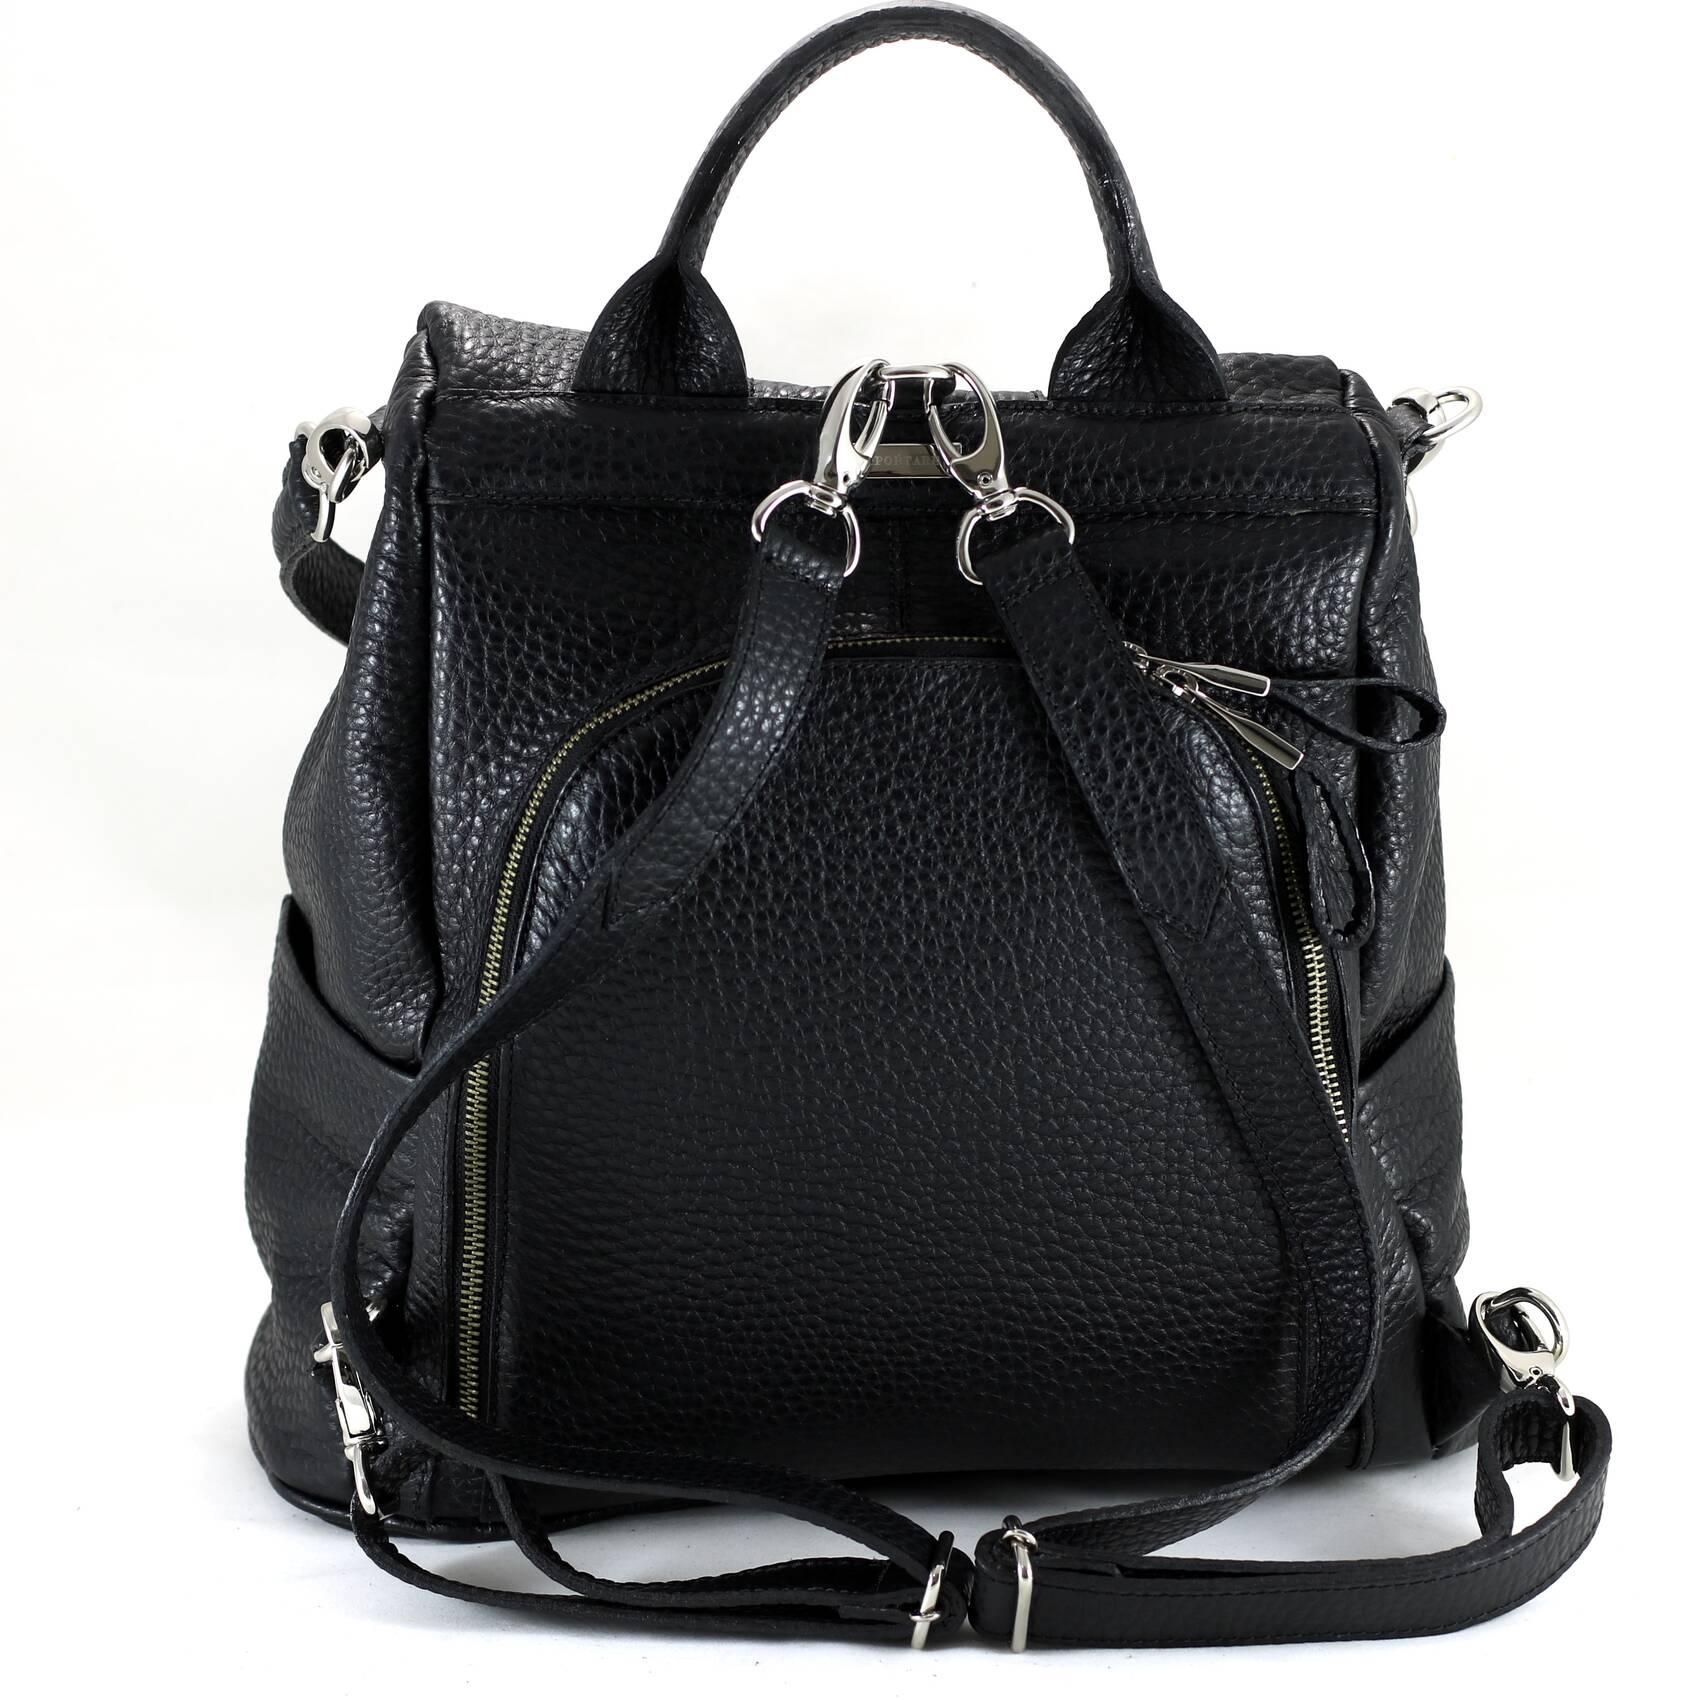 MOCHILA MILÃO Bolsa mochila preta em couro legítimo